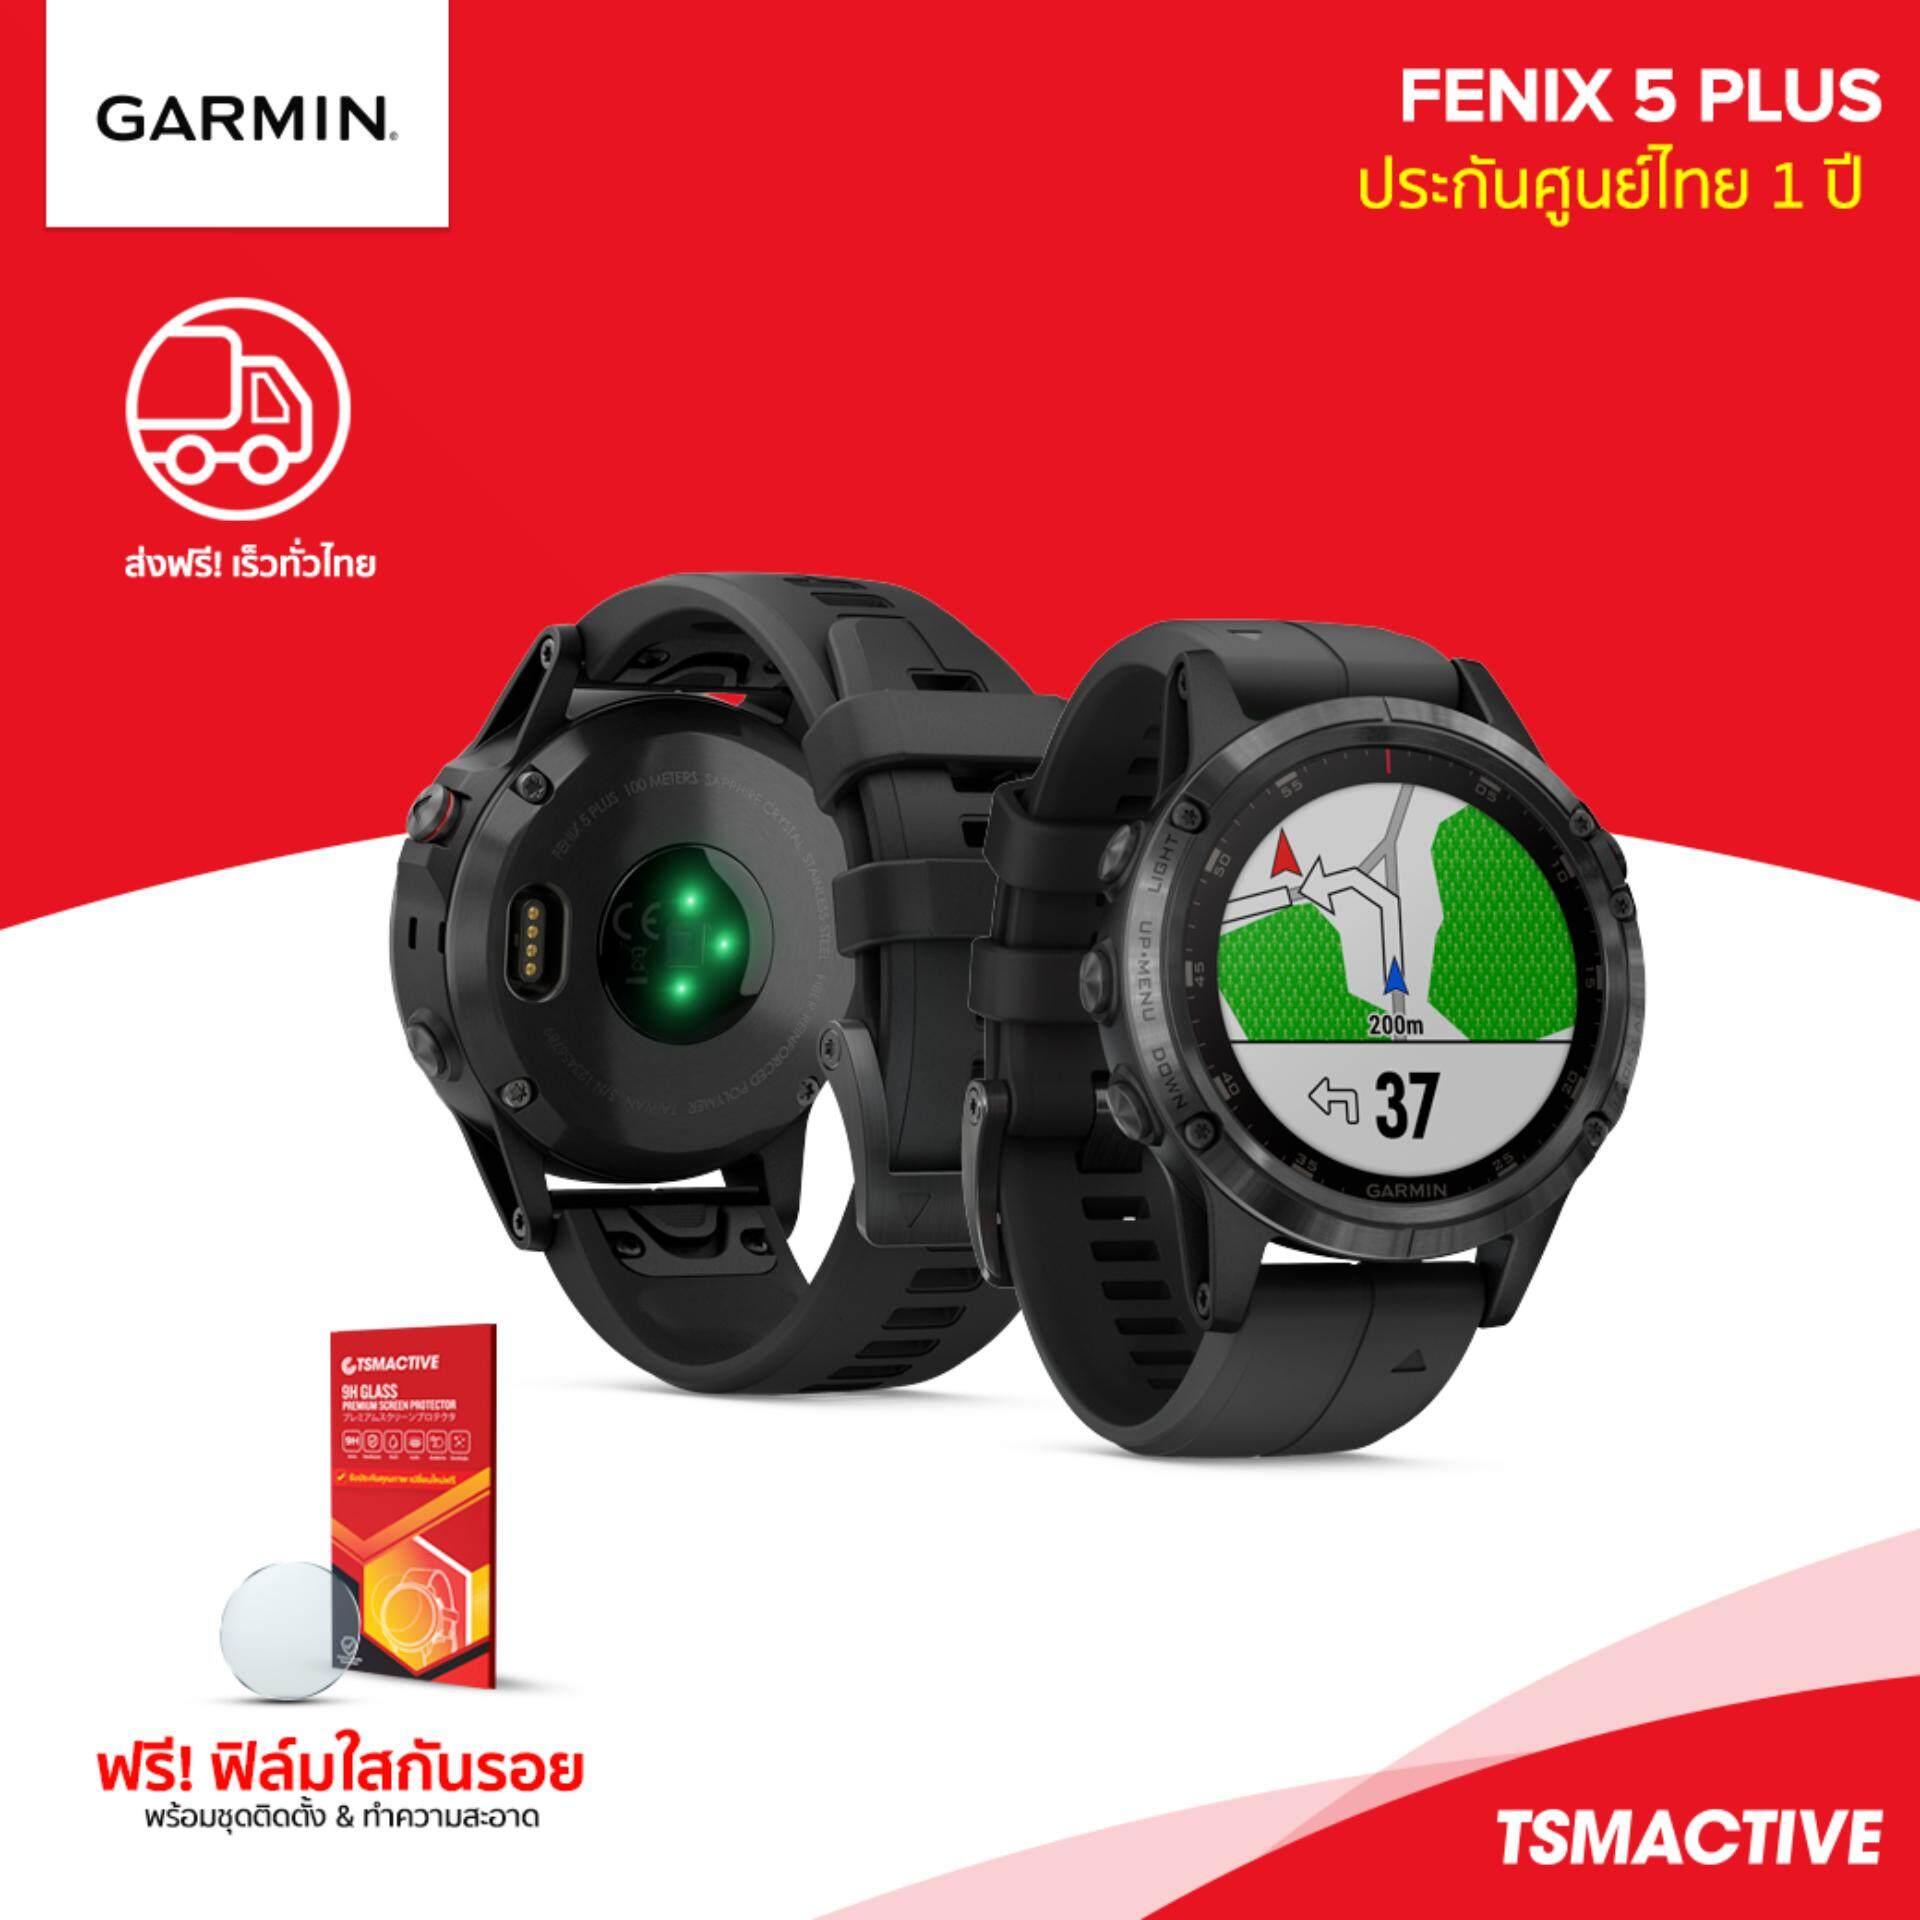 ยี่ห้อนี้ดีไหม  สกลนคร Garmin Fenix 5 PLUS นาฬิกา GPS มัลติสปอร์ต ฟังเพลง/แผนที่สี (ฟรีฟิล์มใสกันรอย) ประกันศูนย์ไทย 1 ปี